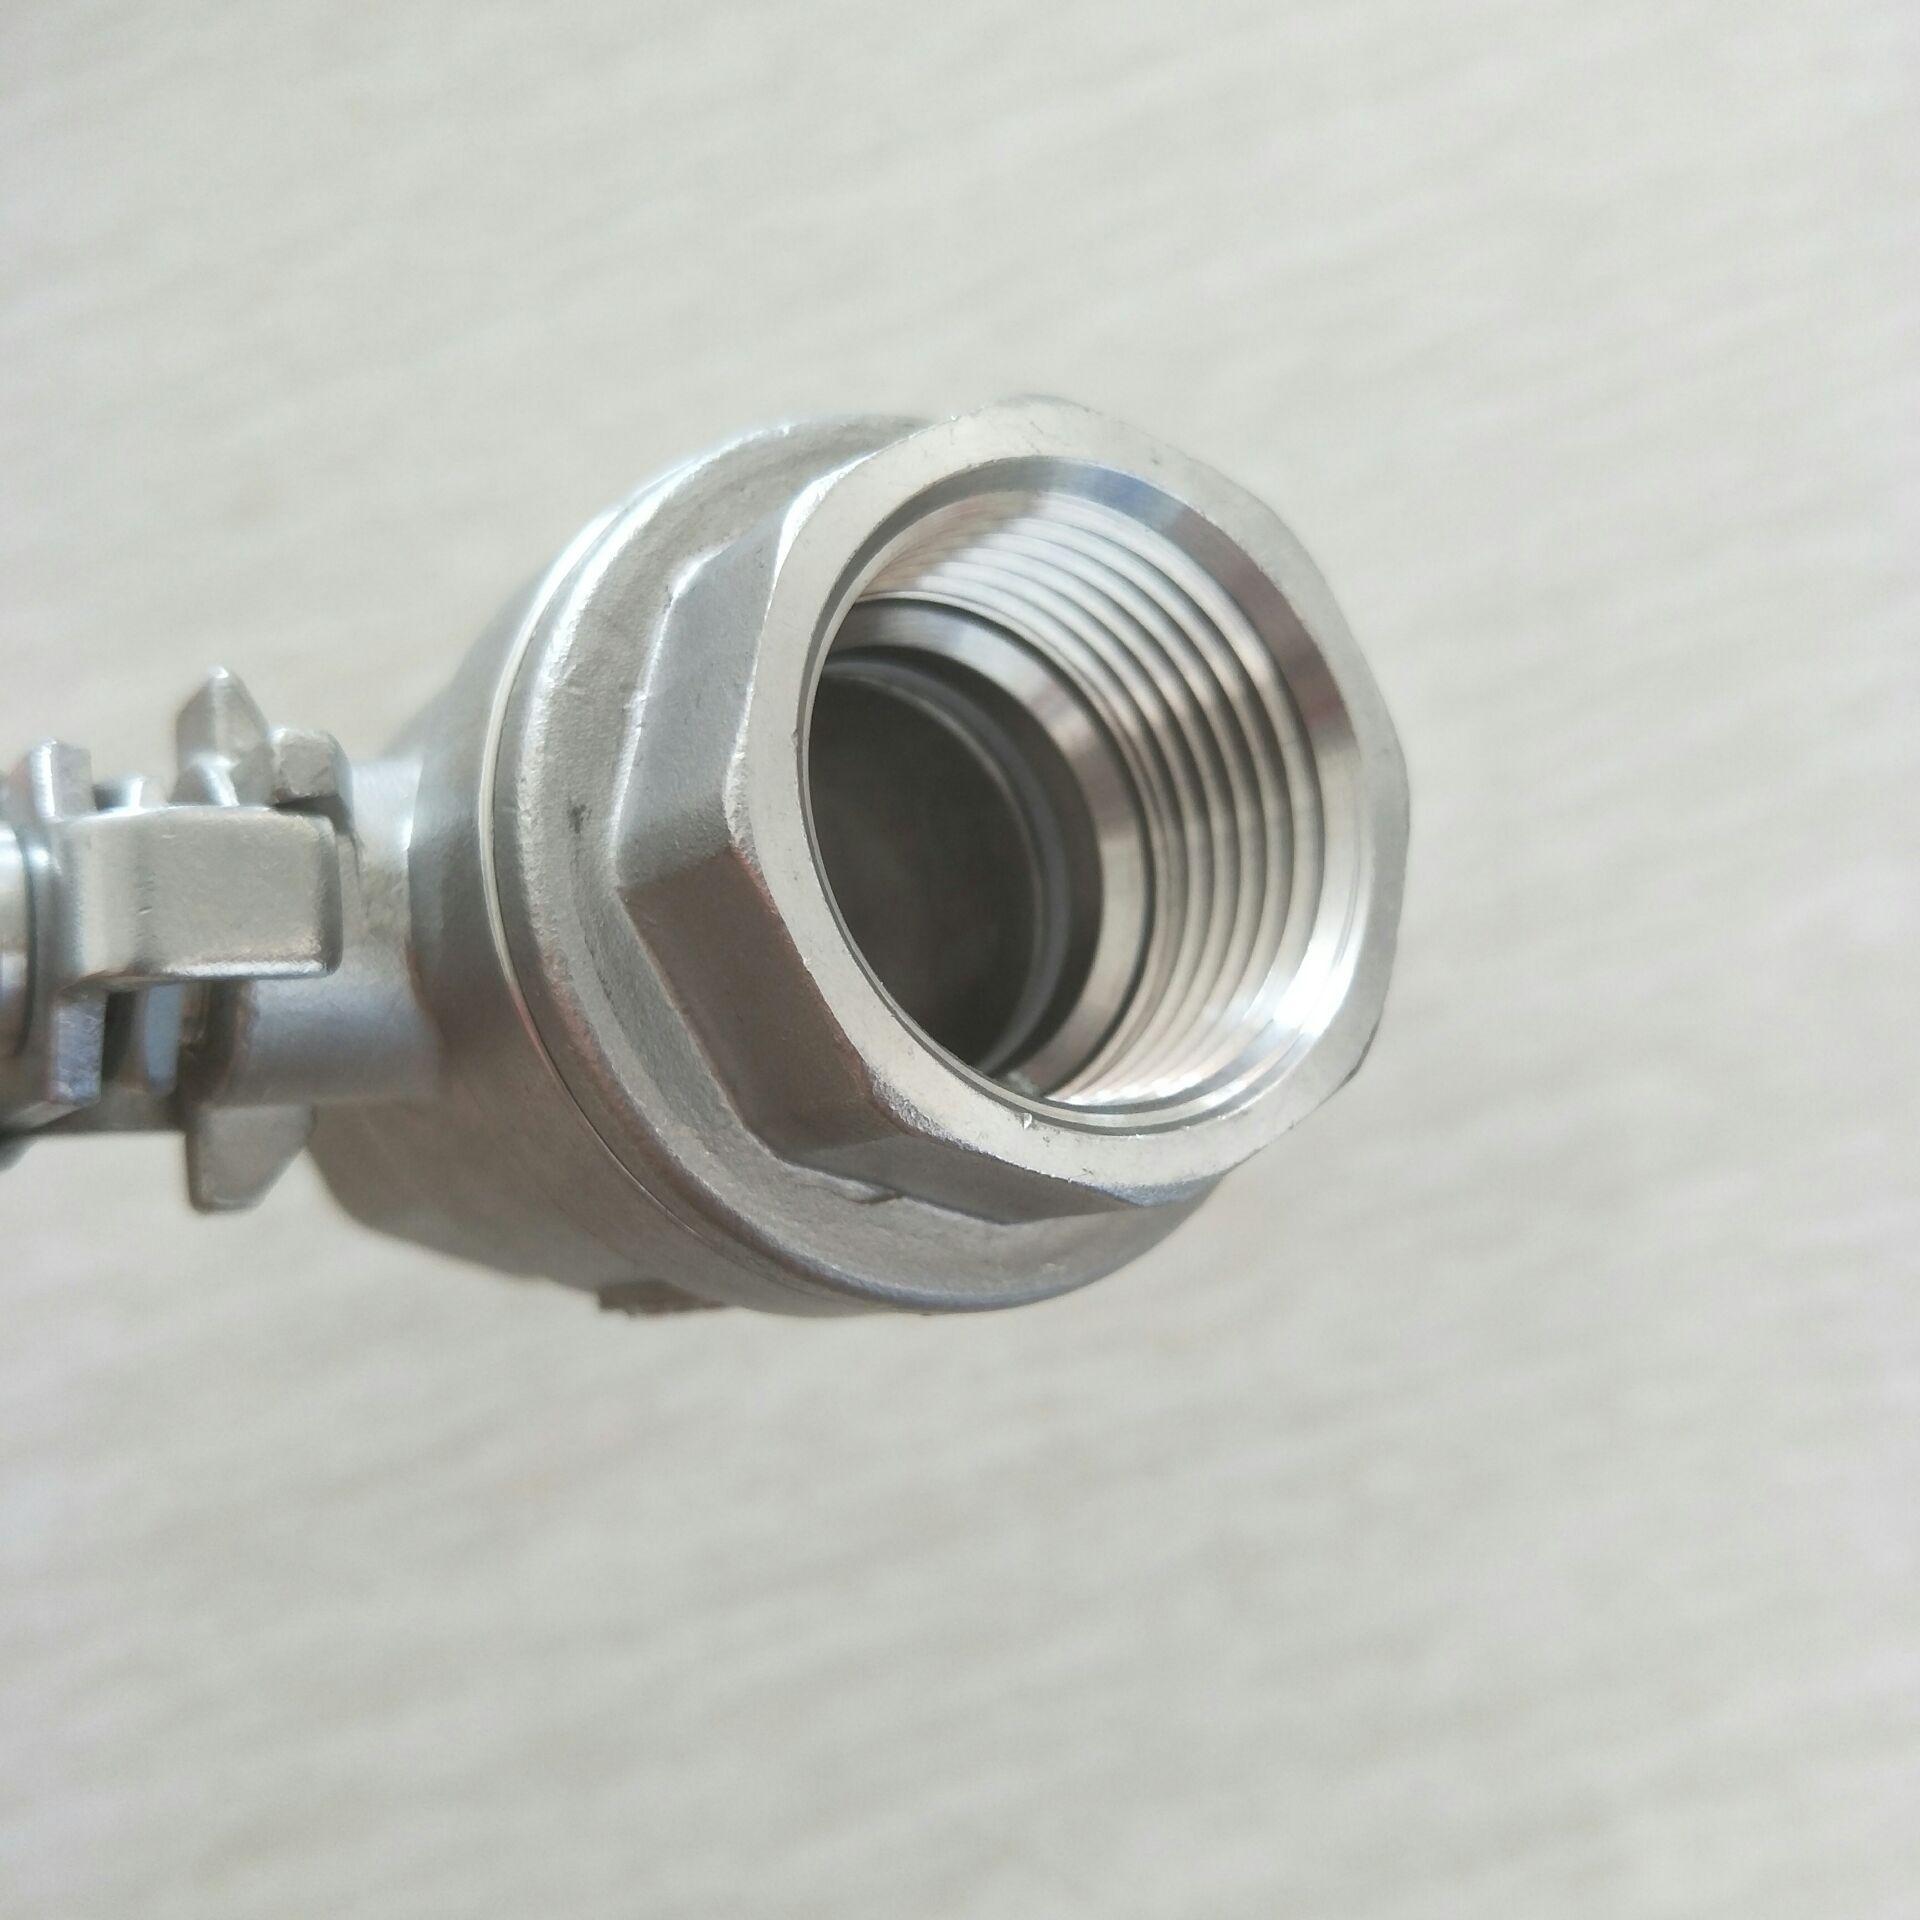 二片式不锈钢球阀DN25  2PC 球阀 1寸810950322